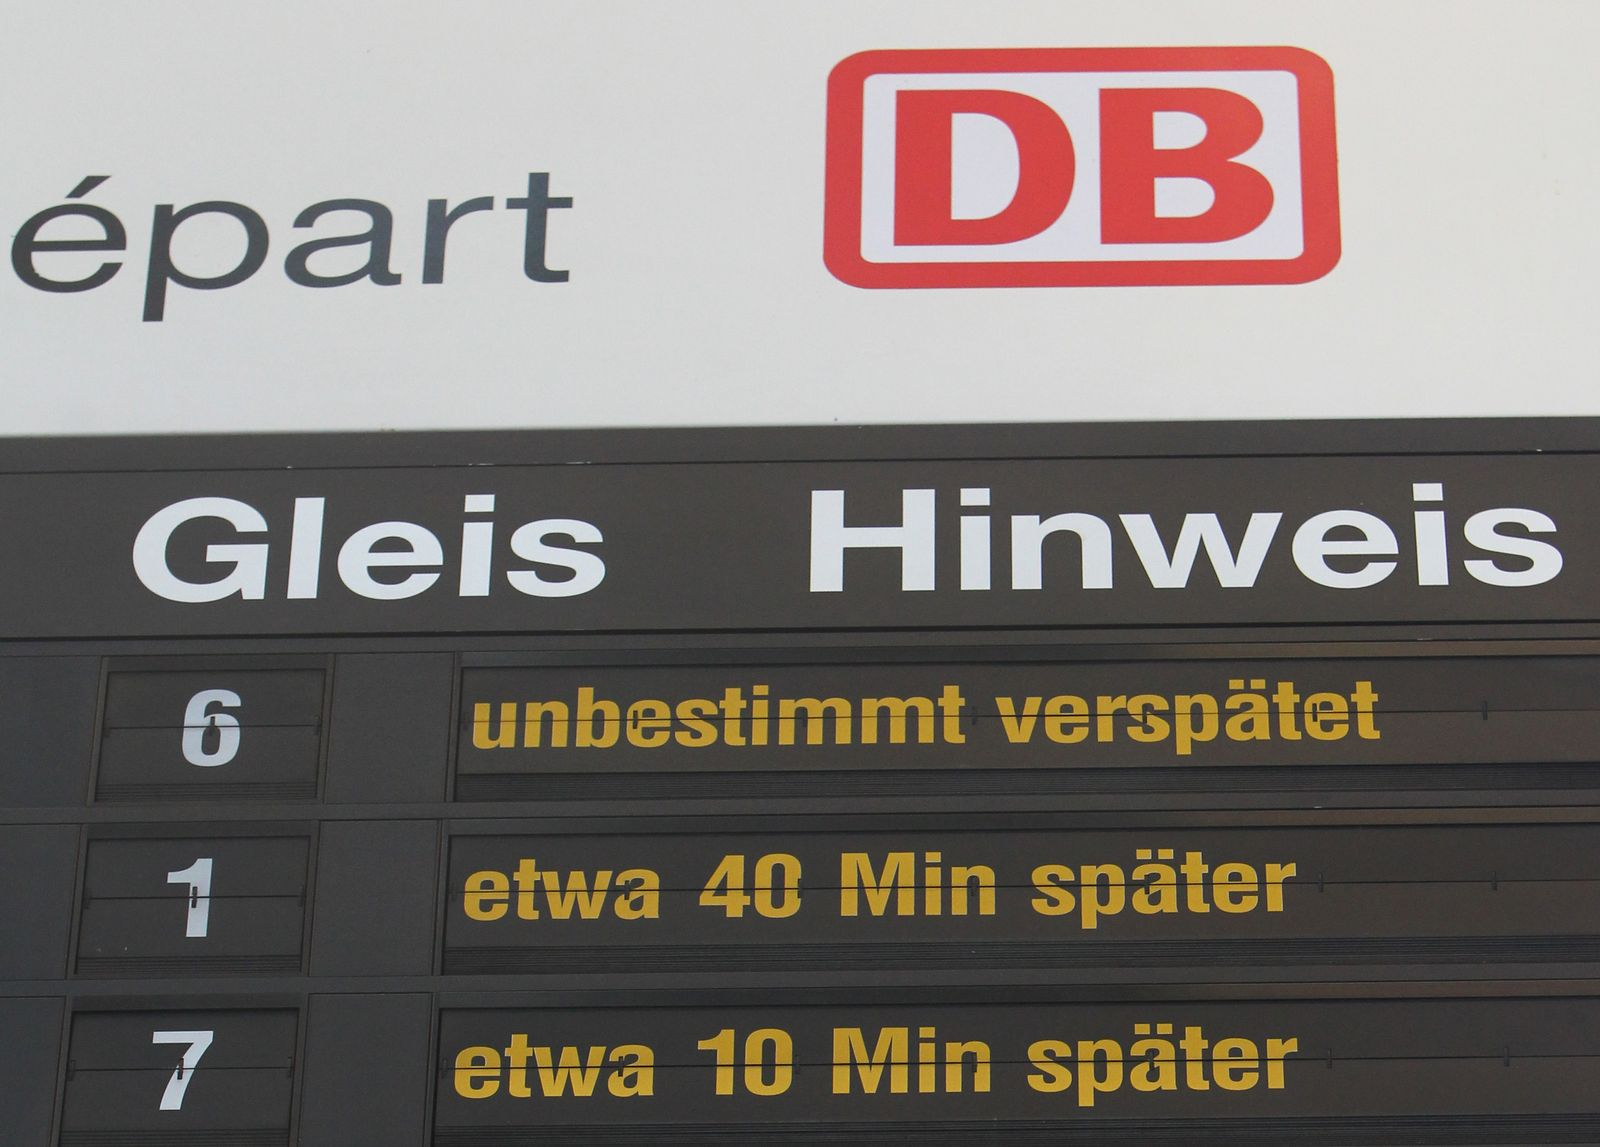 Verspätung/ Deutsche Bahn